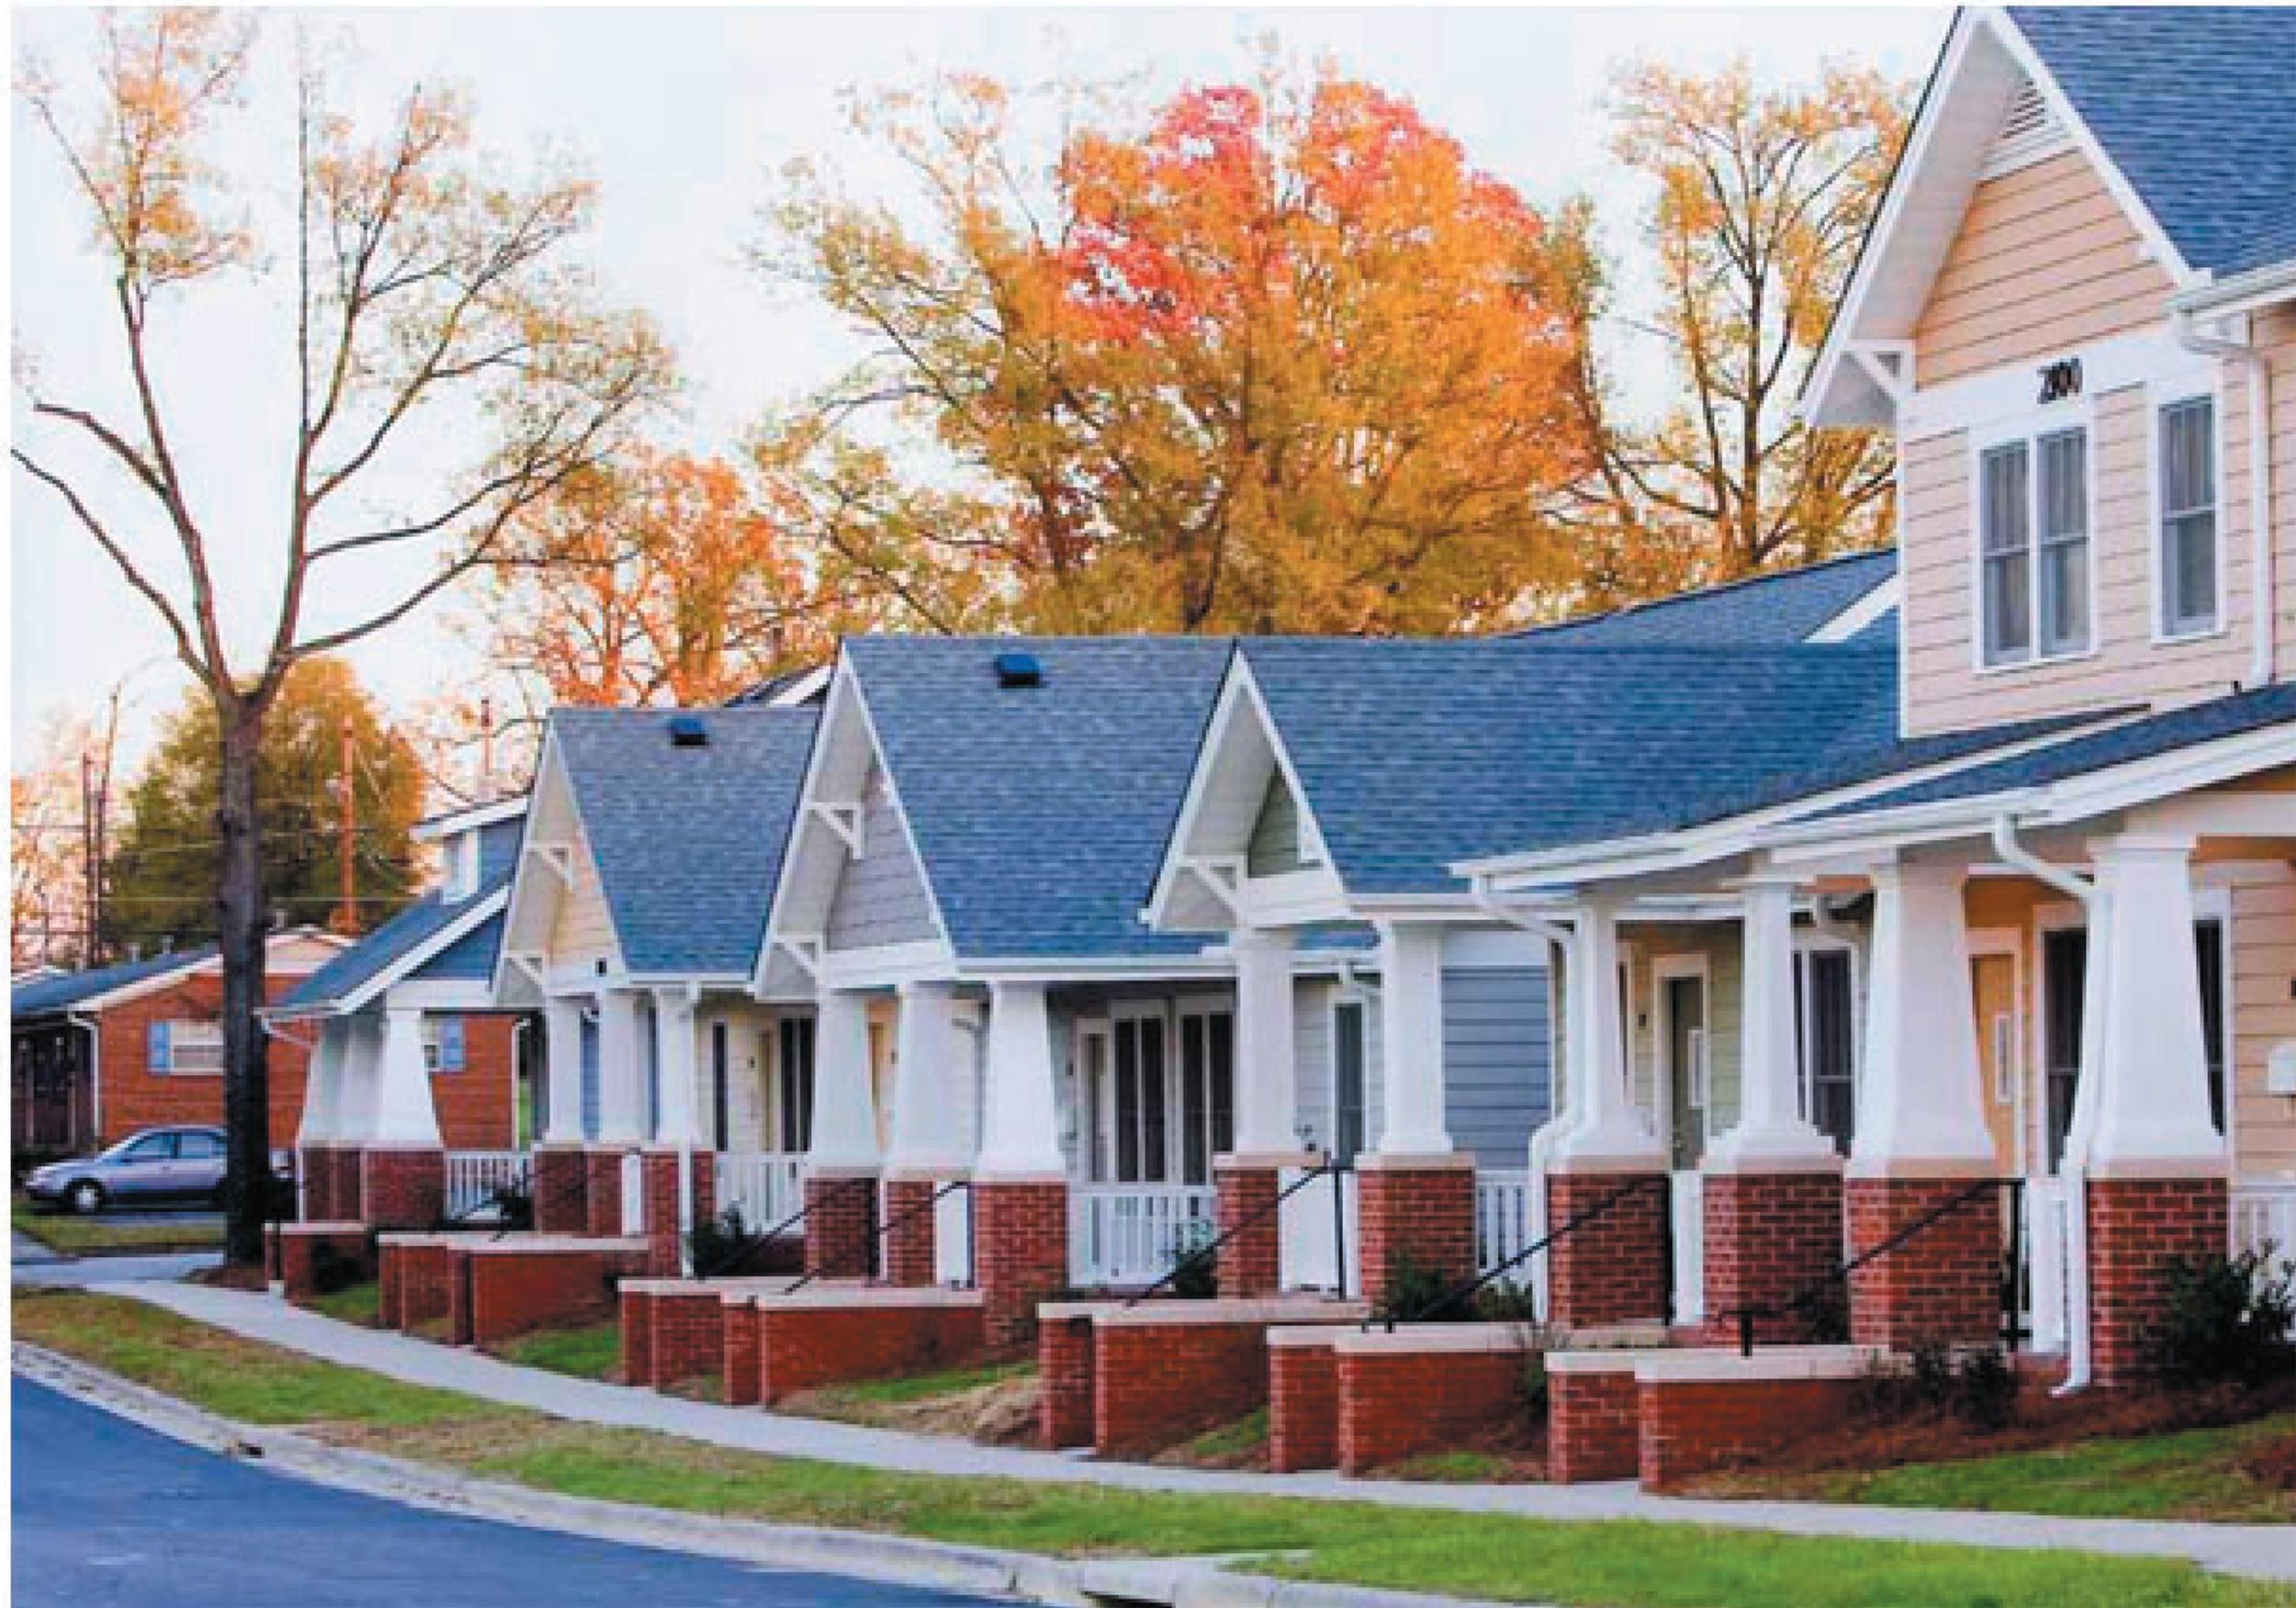 Willow Oaks Hope VI housing 1